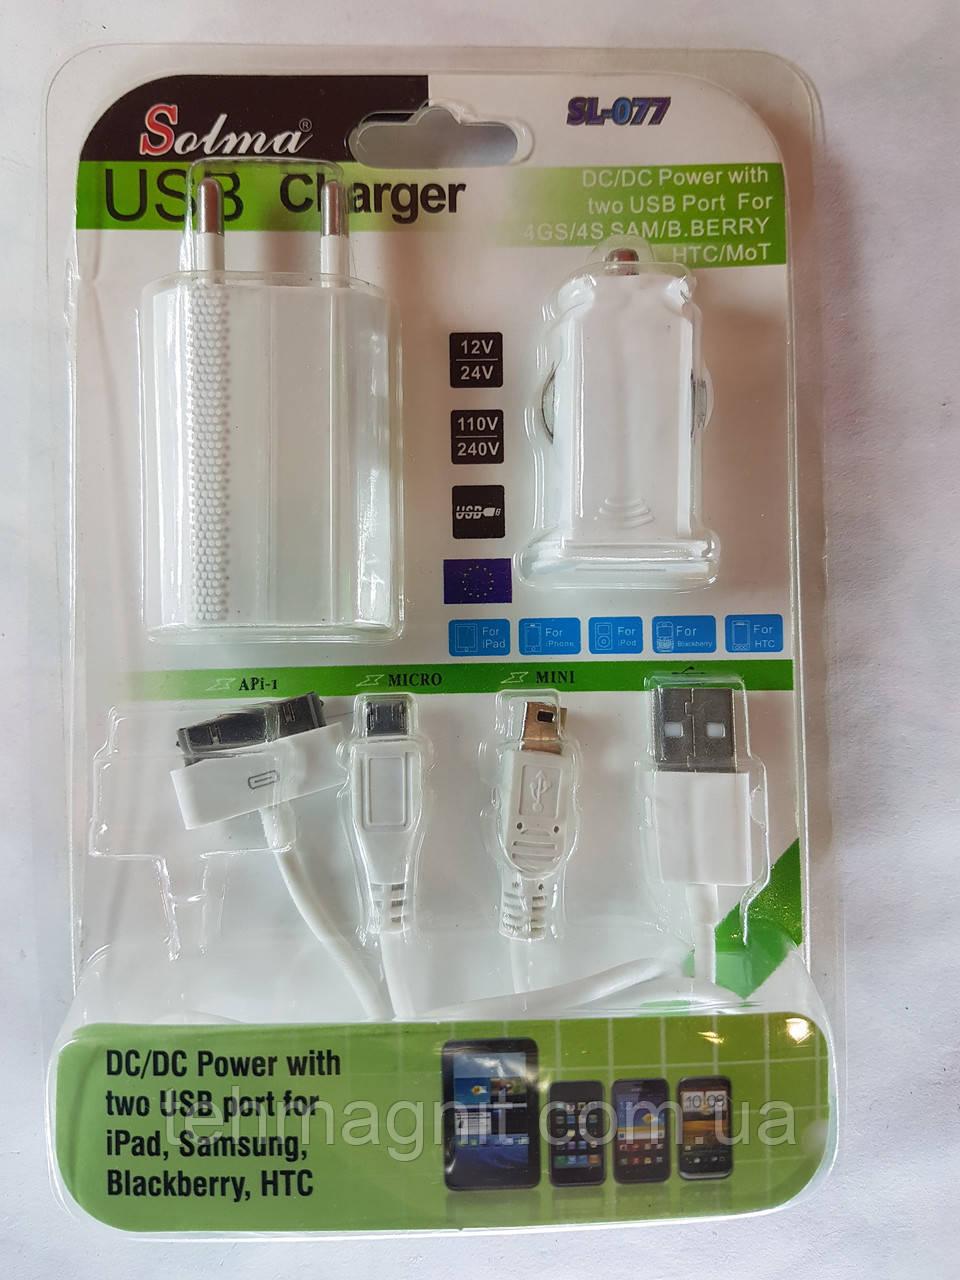 Универсальное зарядное устройство 4 в 1 (авто + сеть), usb charger SL-077